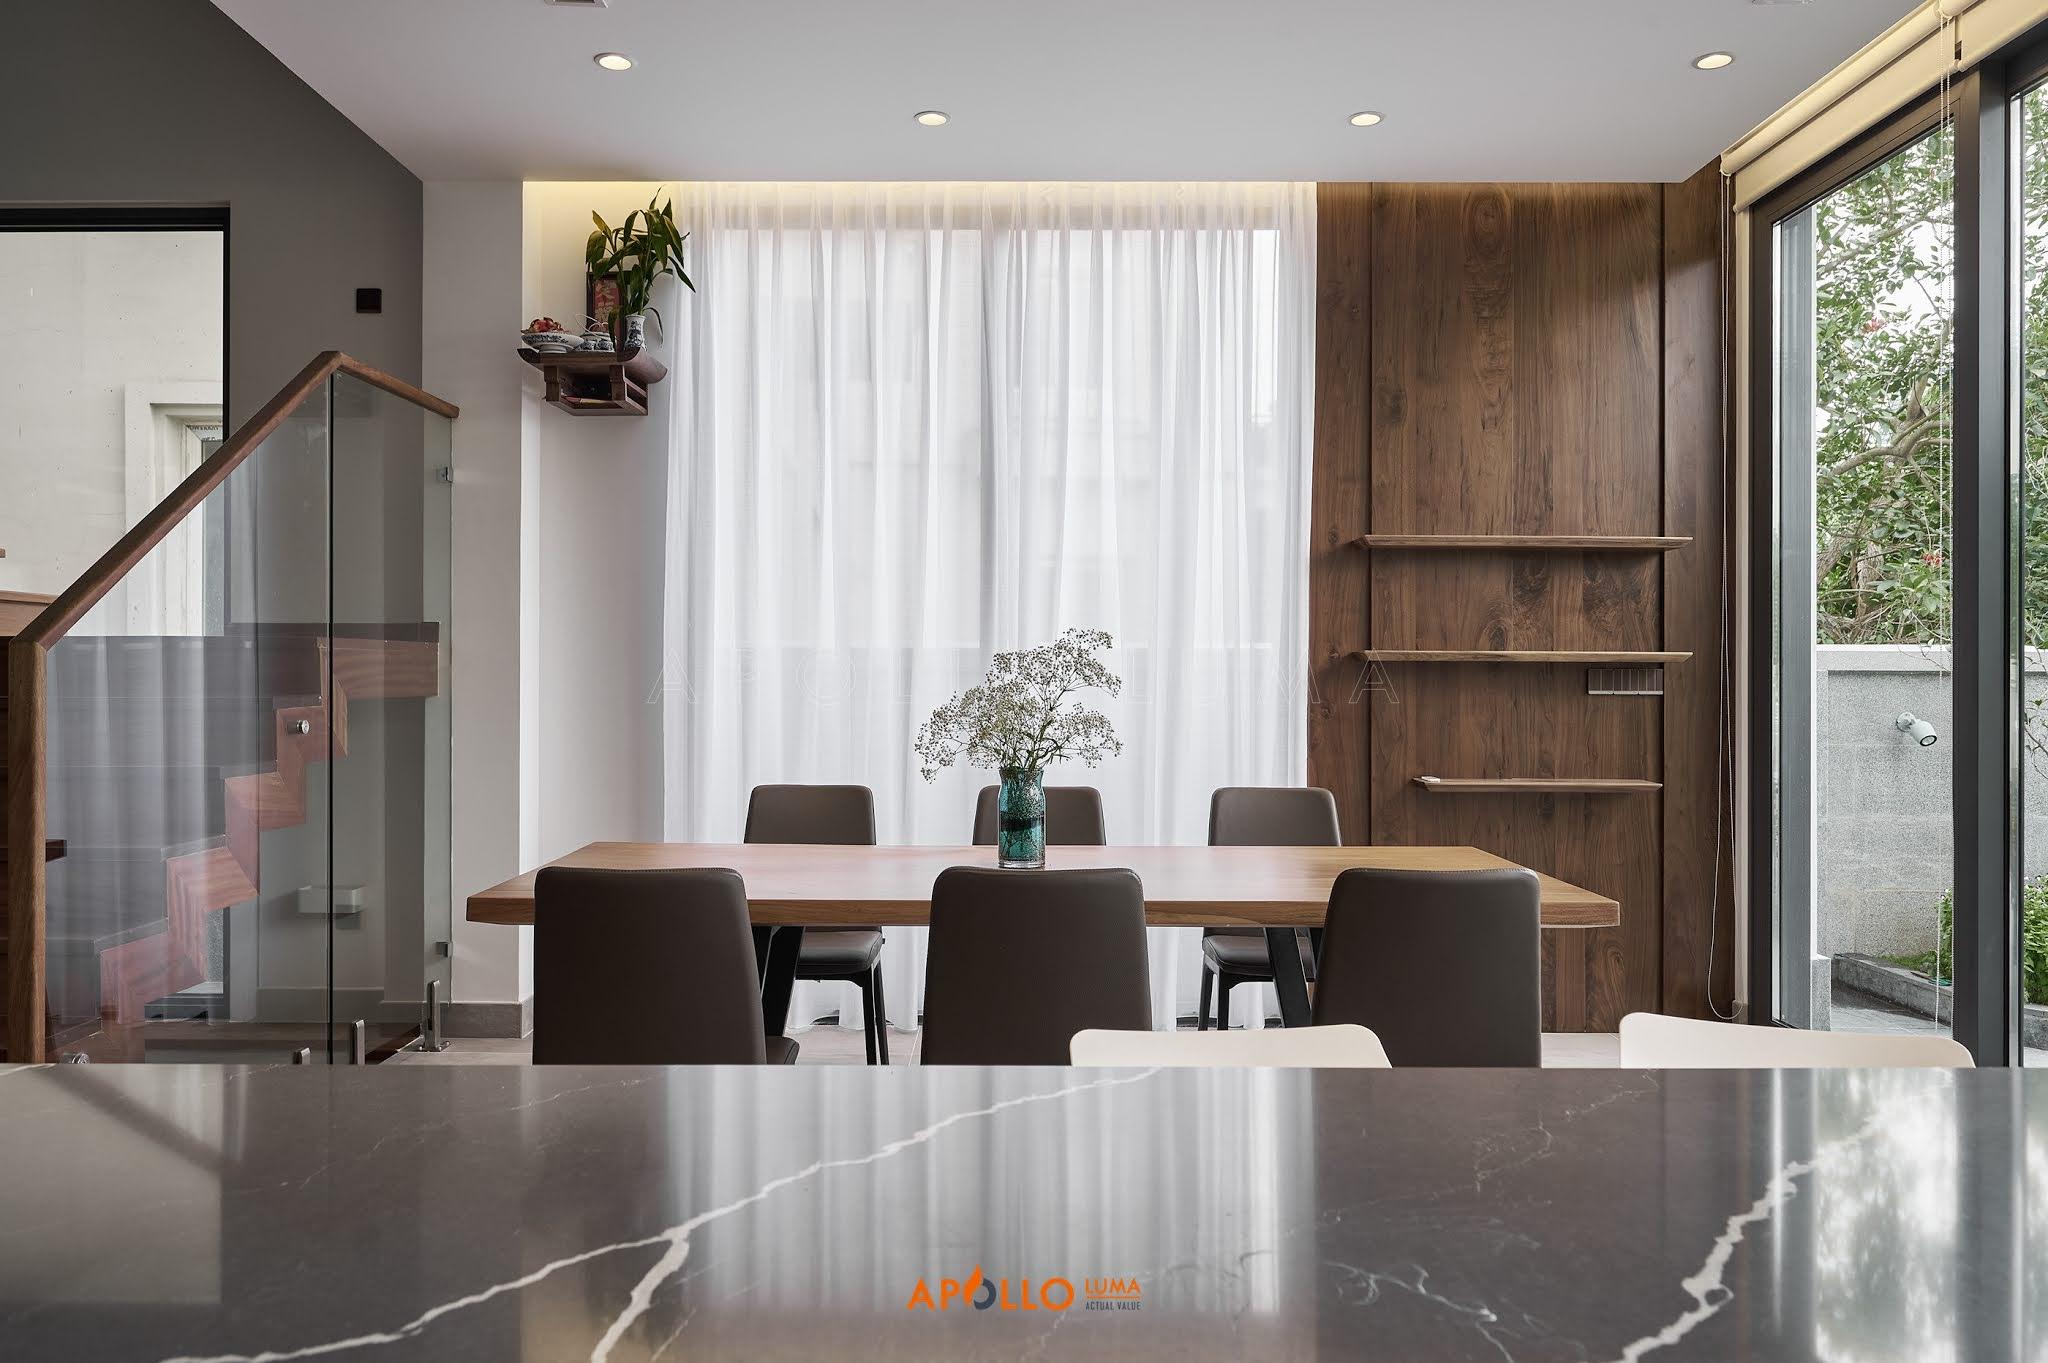 Hình ảnh thực tế nội thất biệt thự Vinhomes Riverside